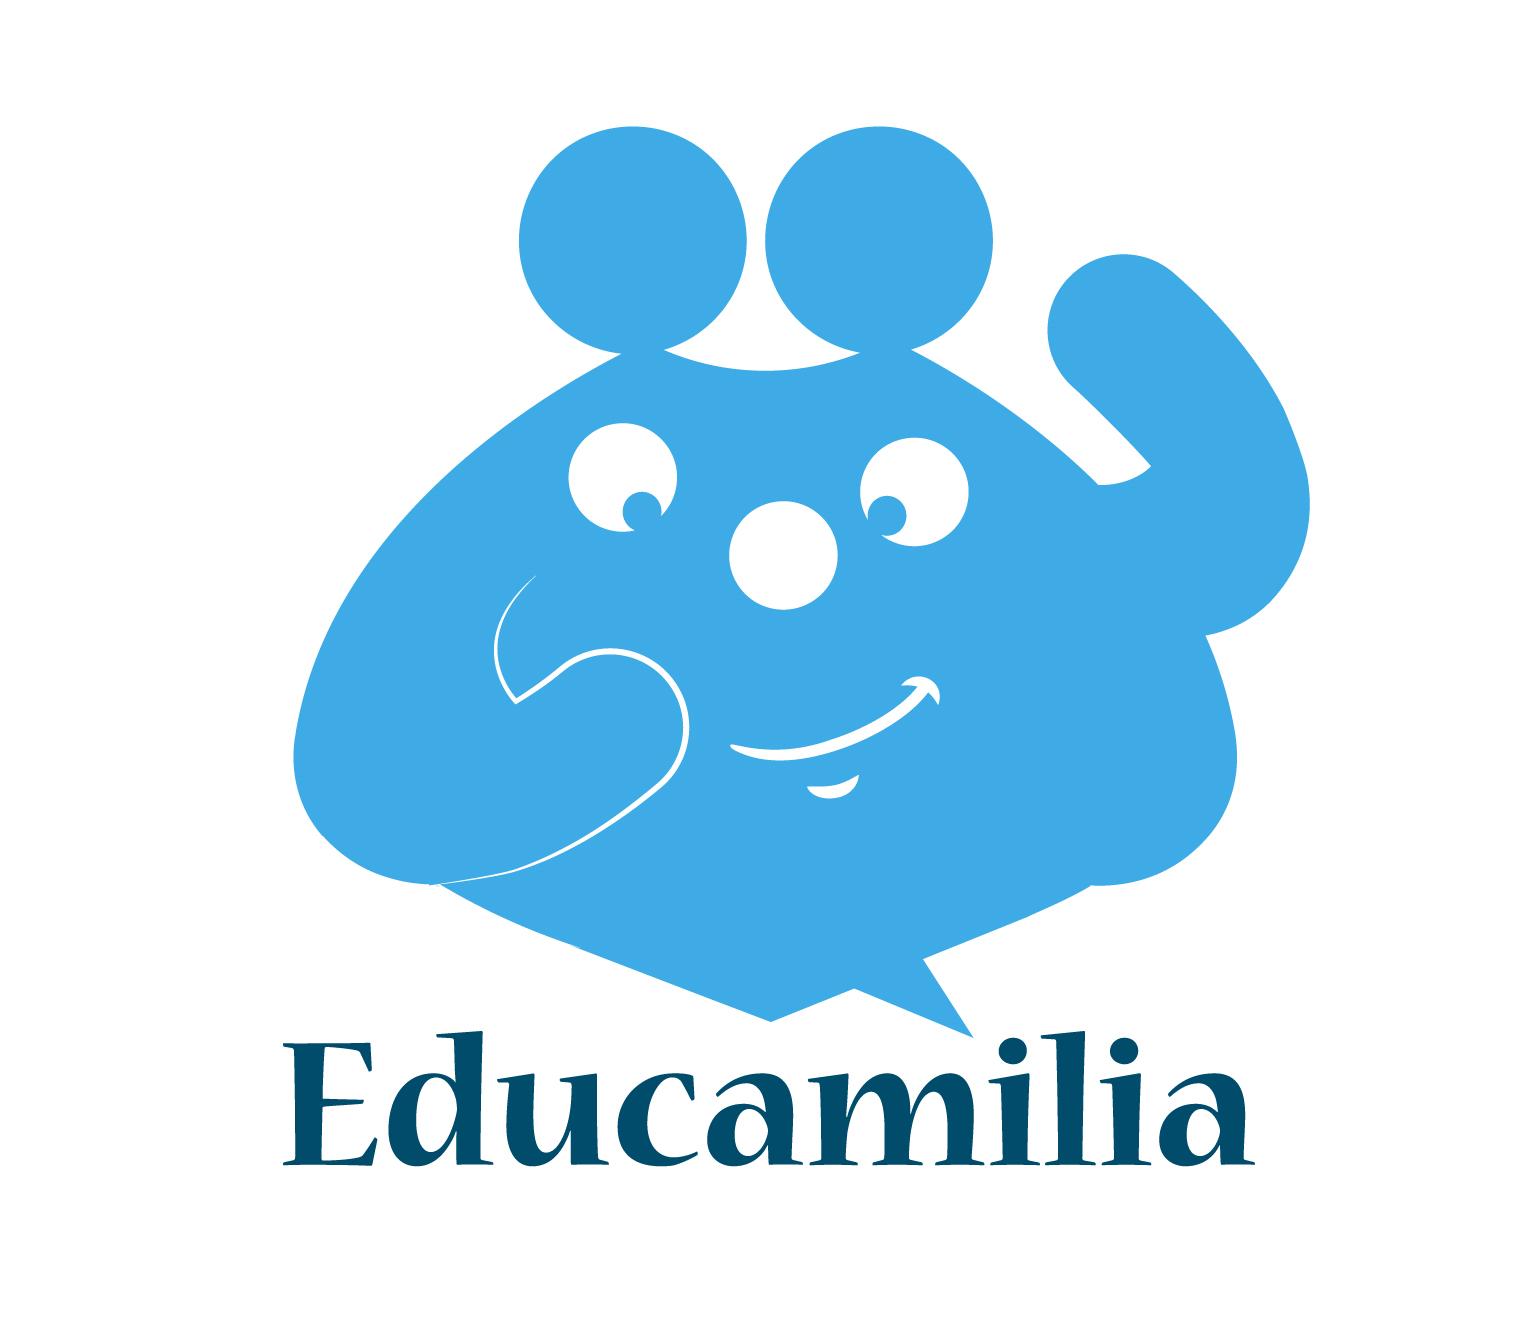 www.educamilia.org